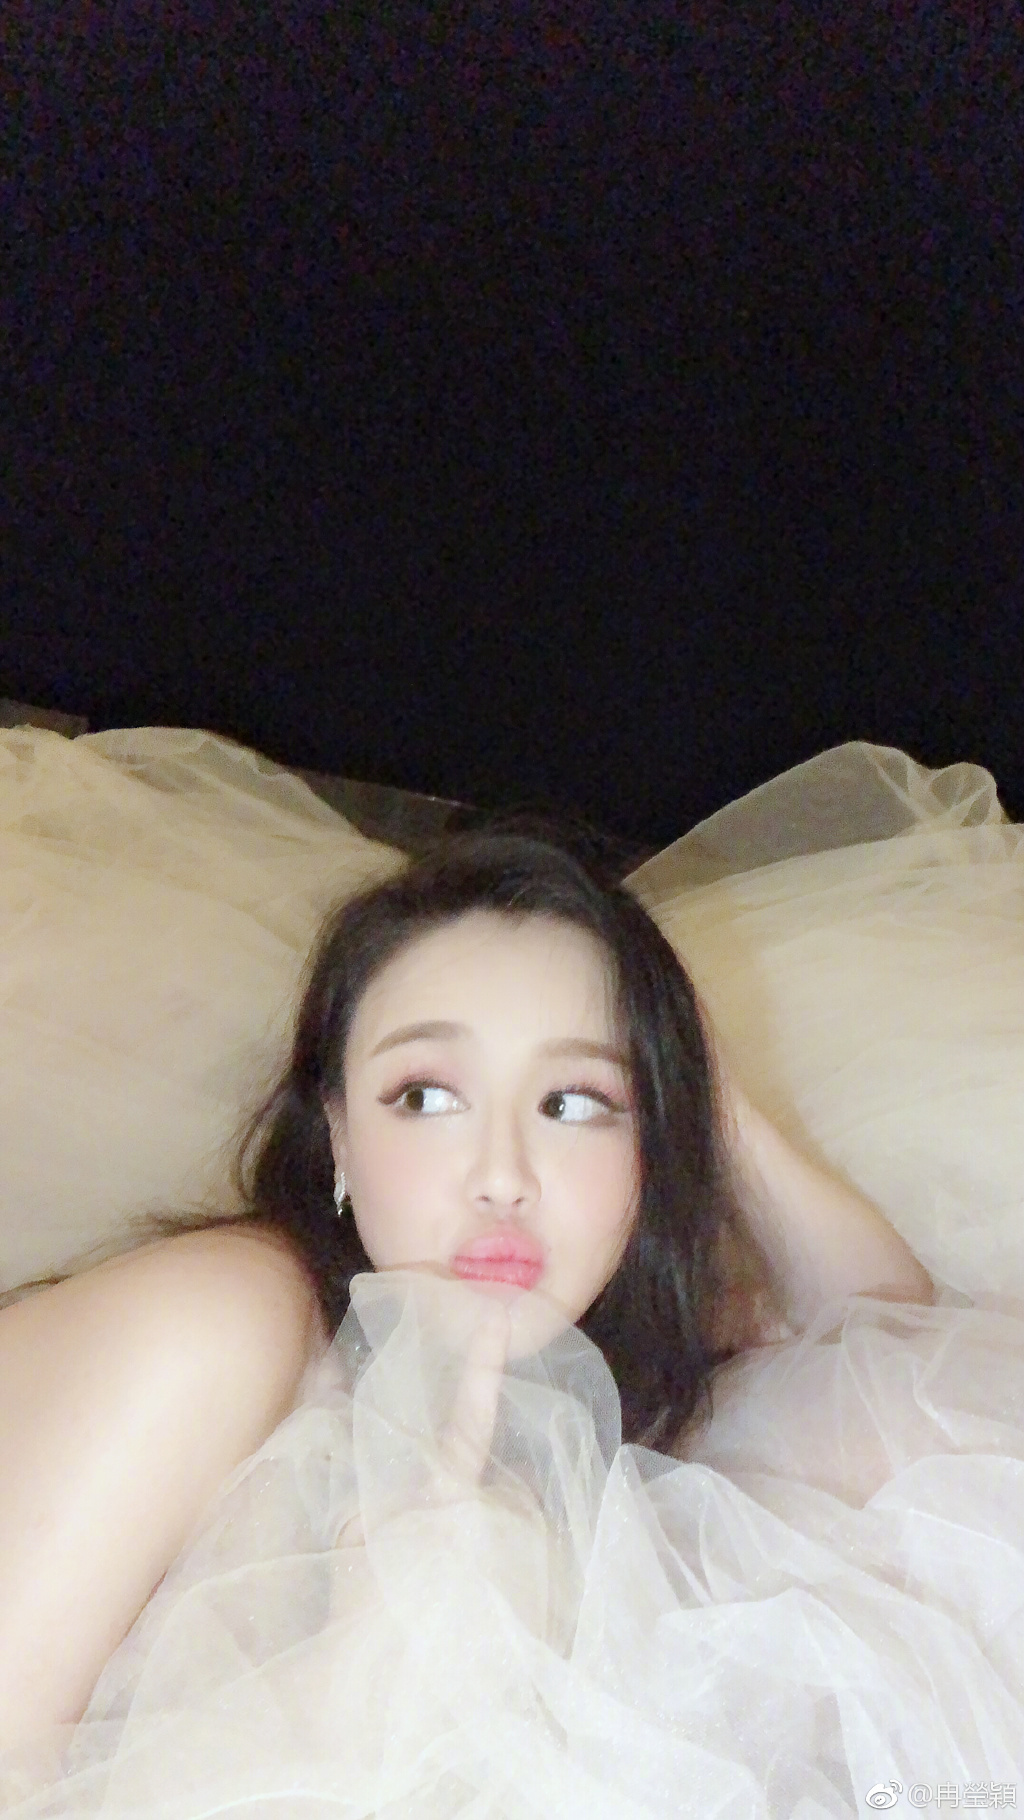 冉莹颖怀孕度假穿婚纱秀美照 怒怼网友:站不改名坐不P图